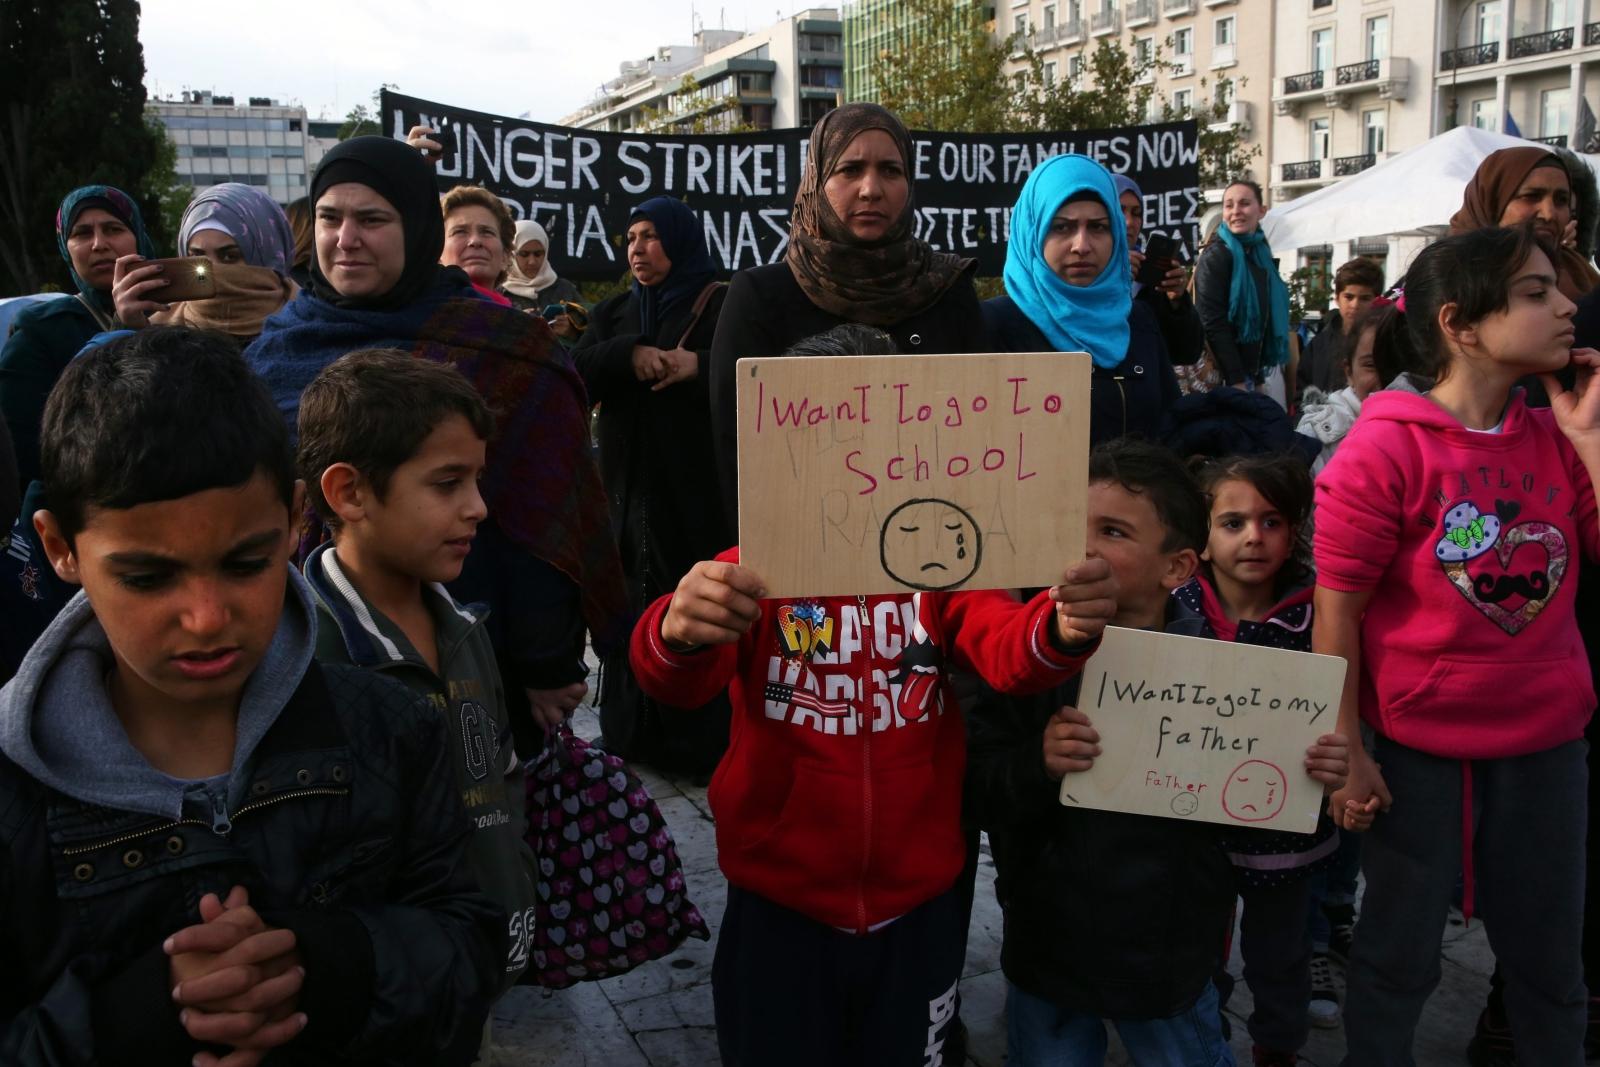 Grecja, protest syryjskich uchodźców, którzy chcą dołączyć do rodzin w Niemczech  EPA/ORESTIS PANAGIOTOU